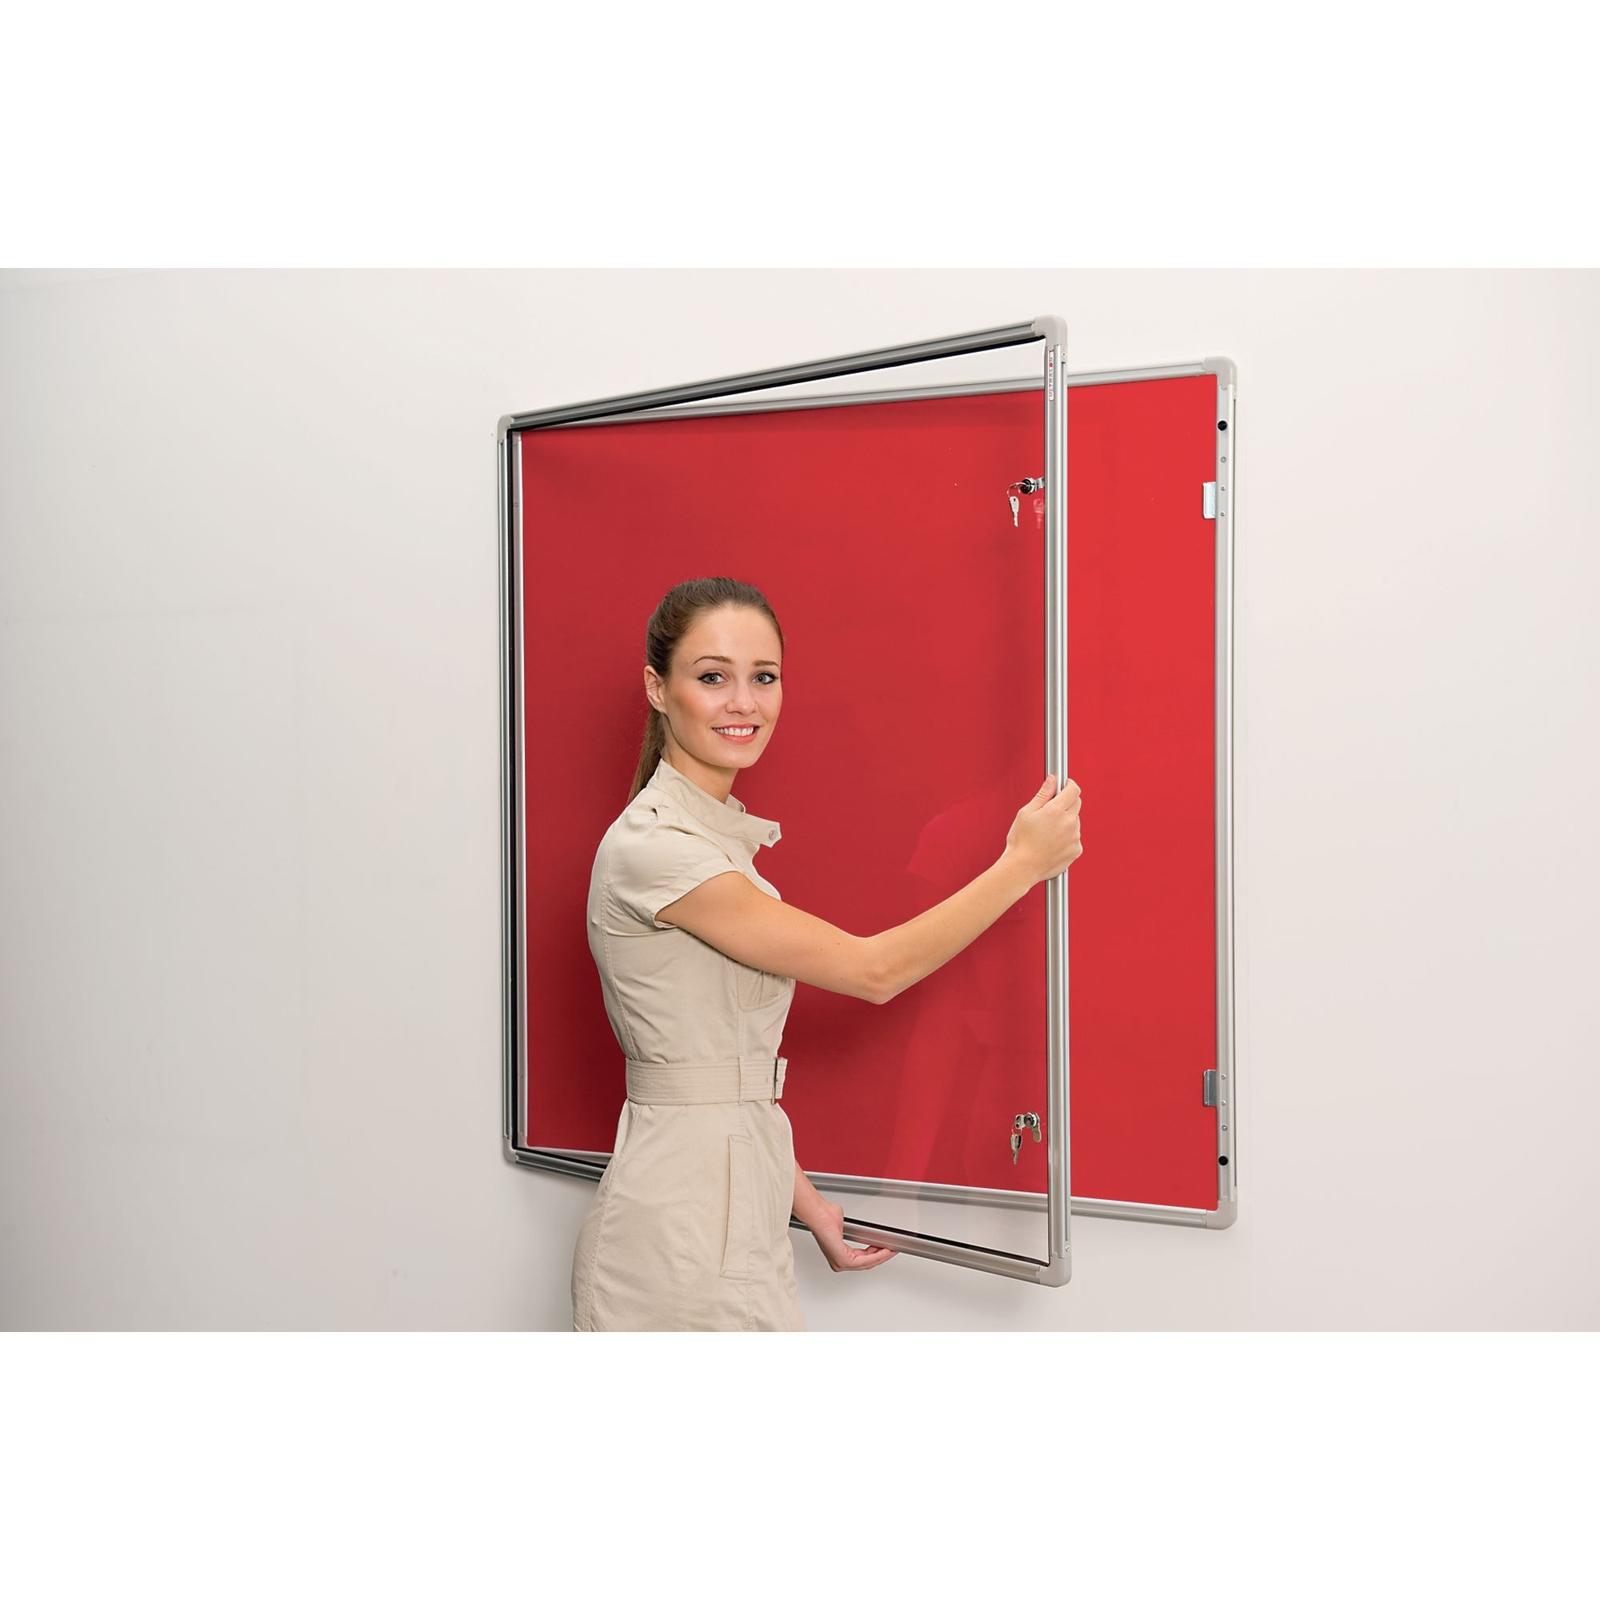 Lockable Aluminium Framed Noticeboards - Grey 12x12